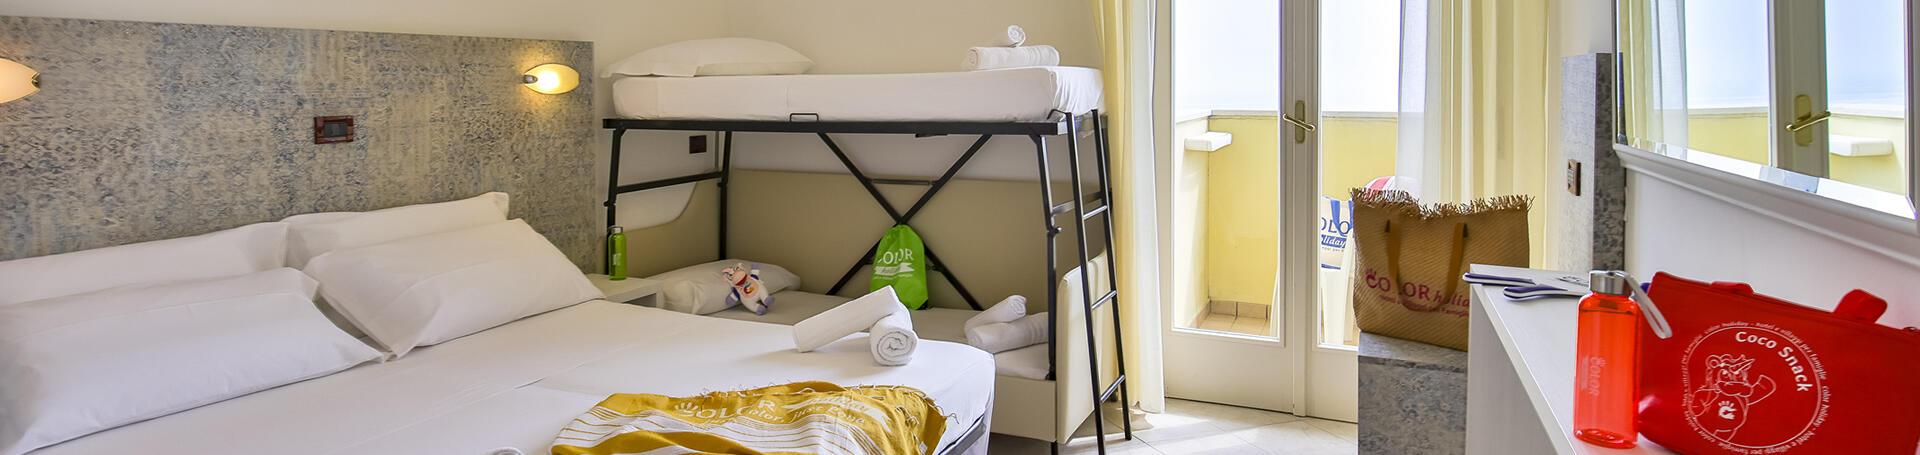 hotelkingmarte fr chambres 009